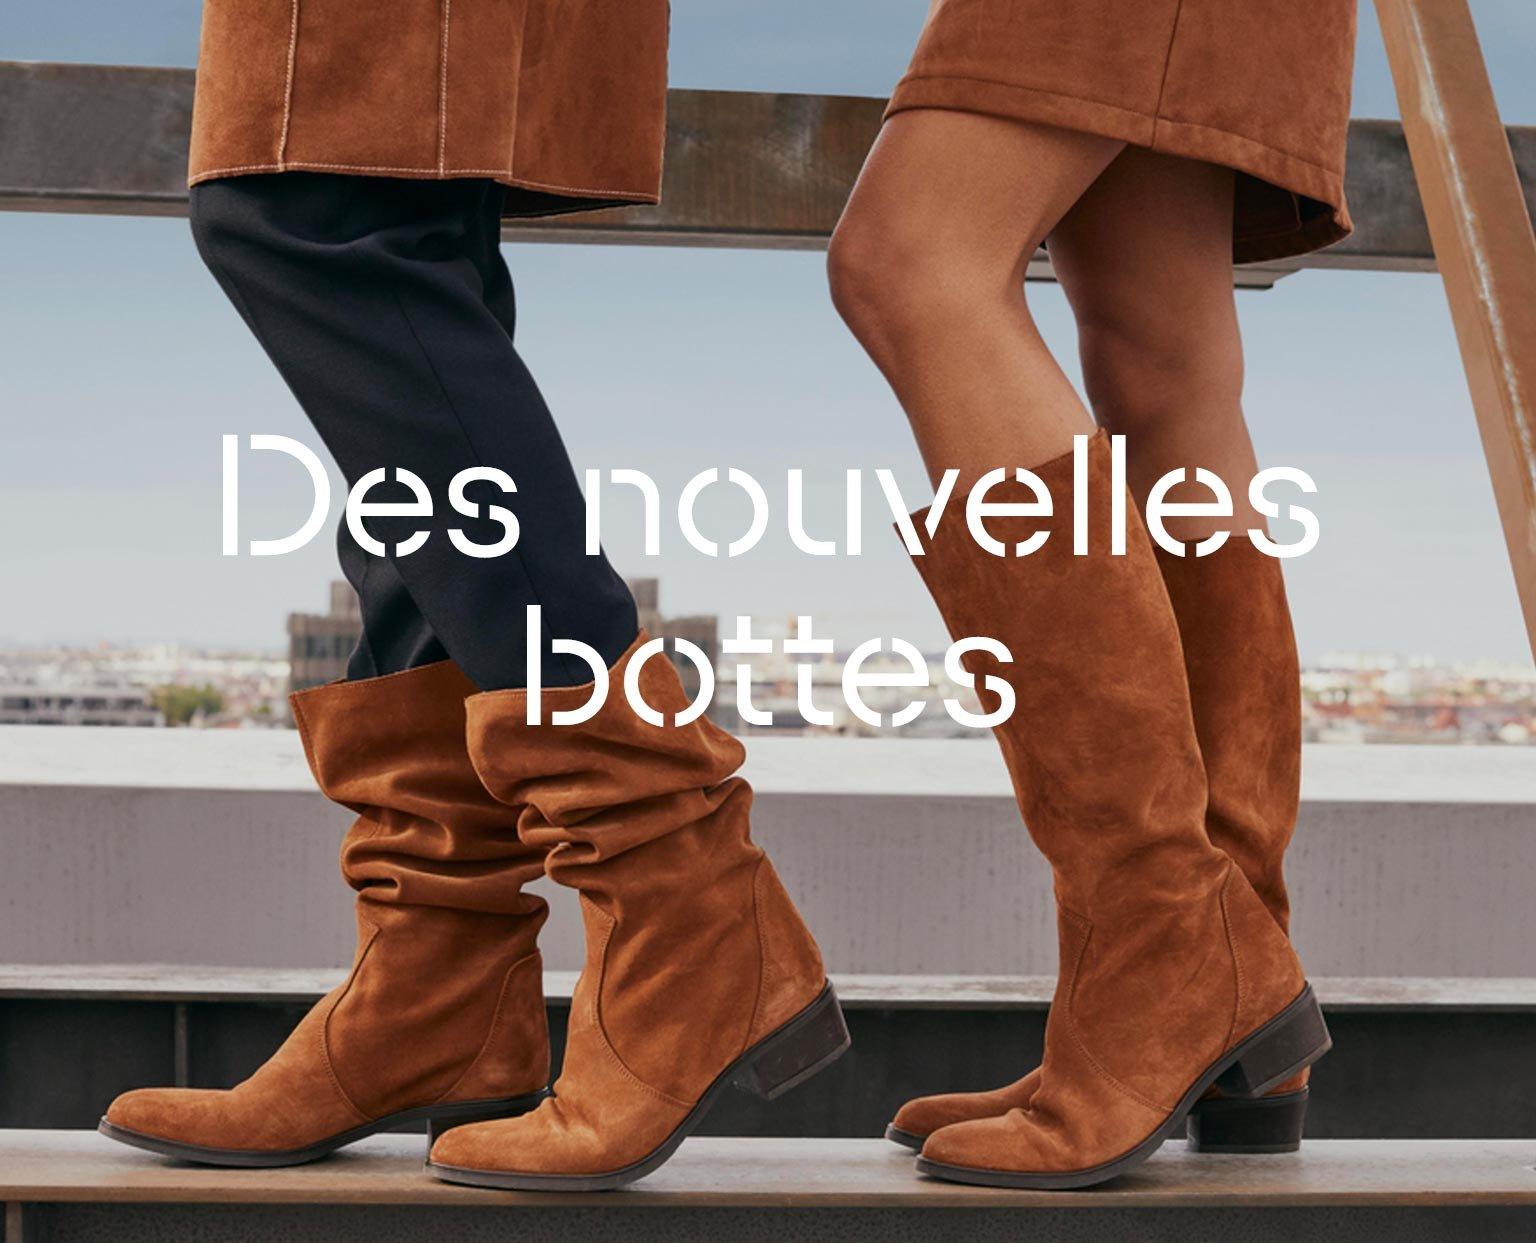 Homme Bottes Automne et Hiver Fourr/ées Bottes Neige Randonn/ée Mode Courts Bottines Bottines /à Lacets Outdoor Trekking Bottes Plats